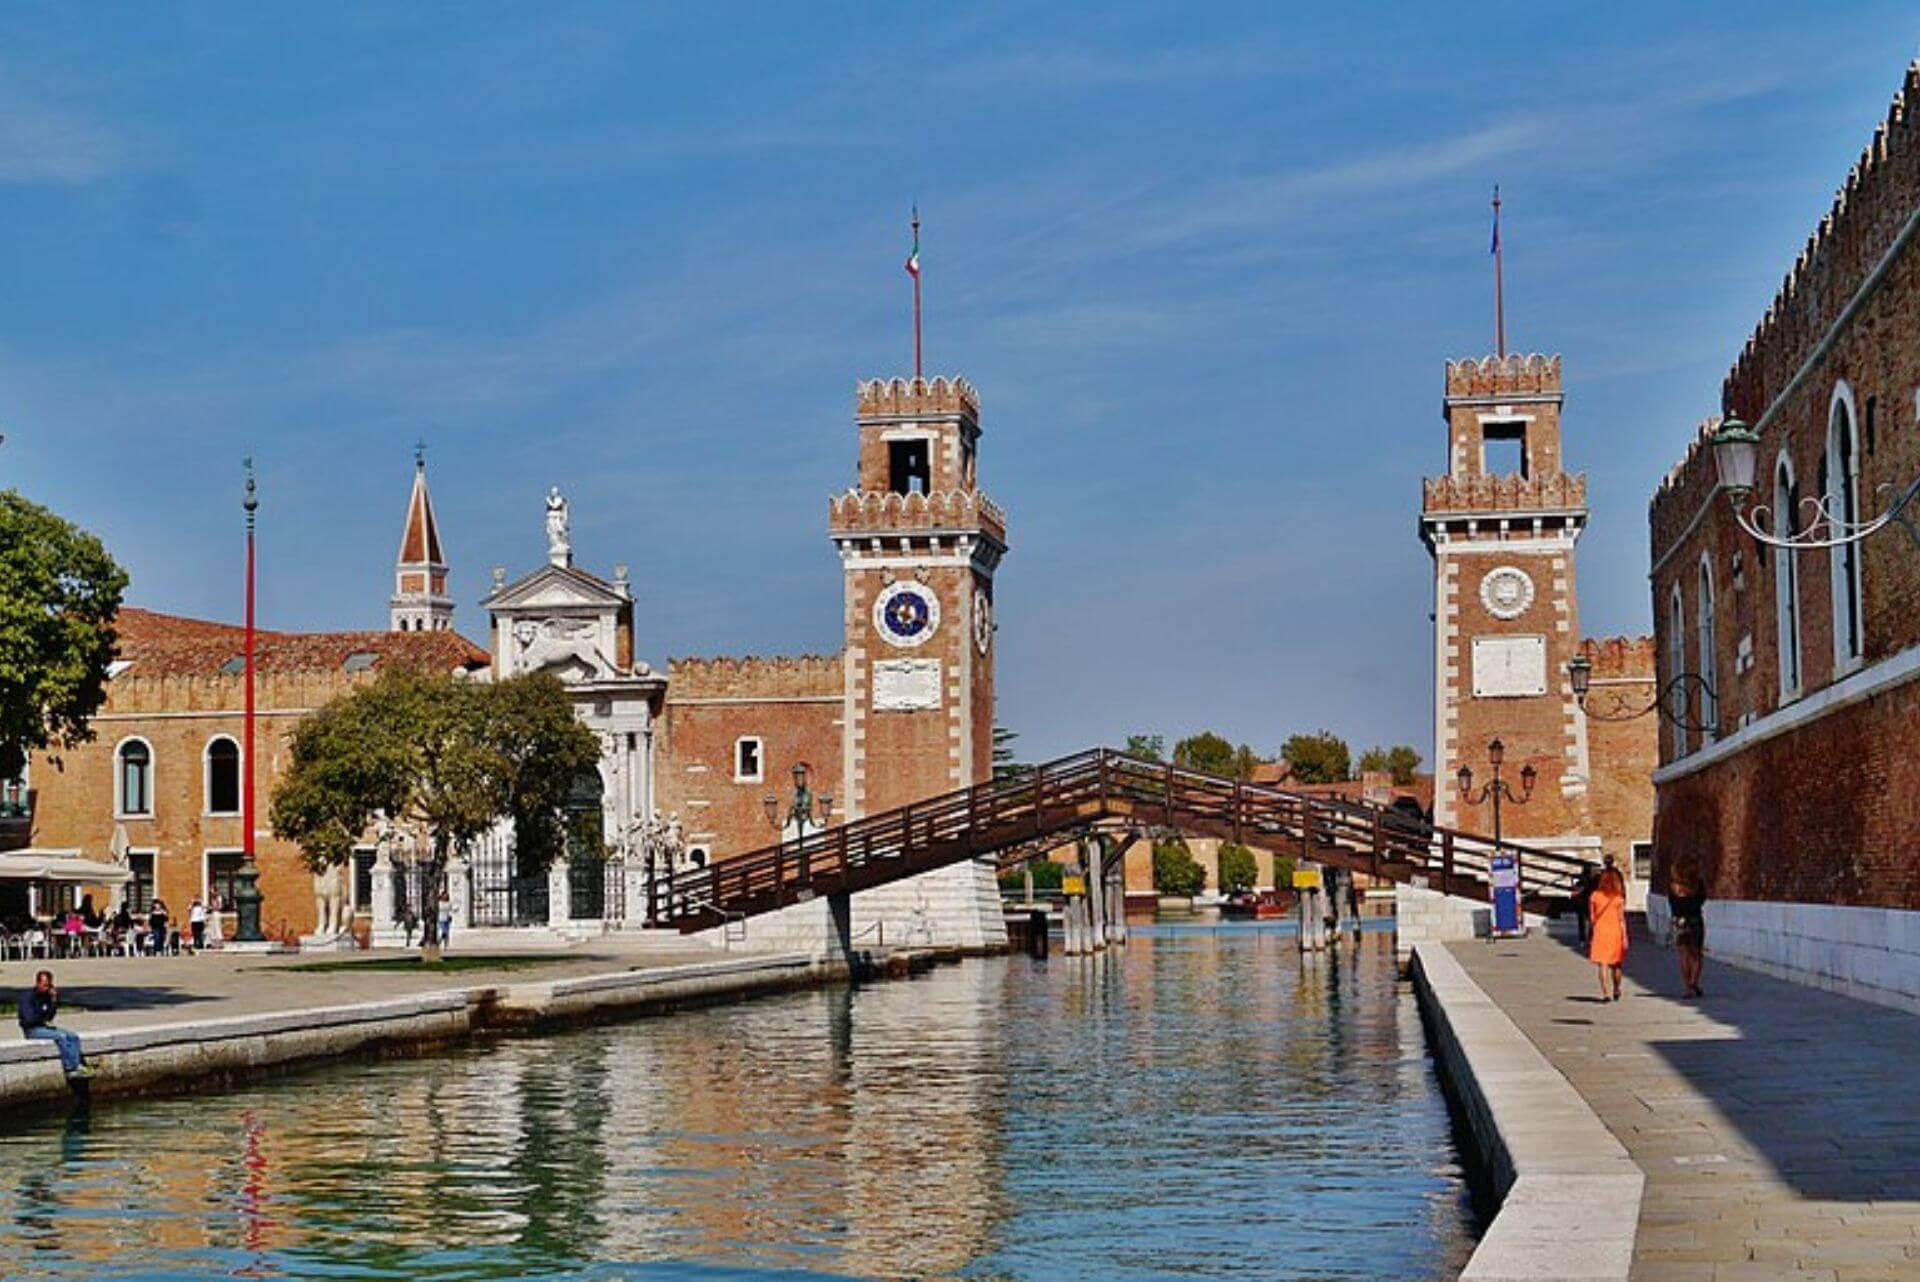 l'entrata marittima dell'arsenale di venezia